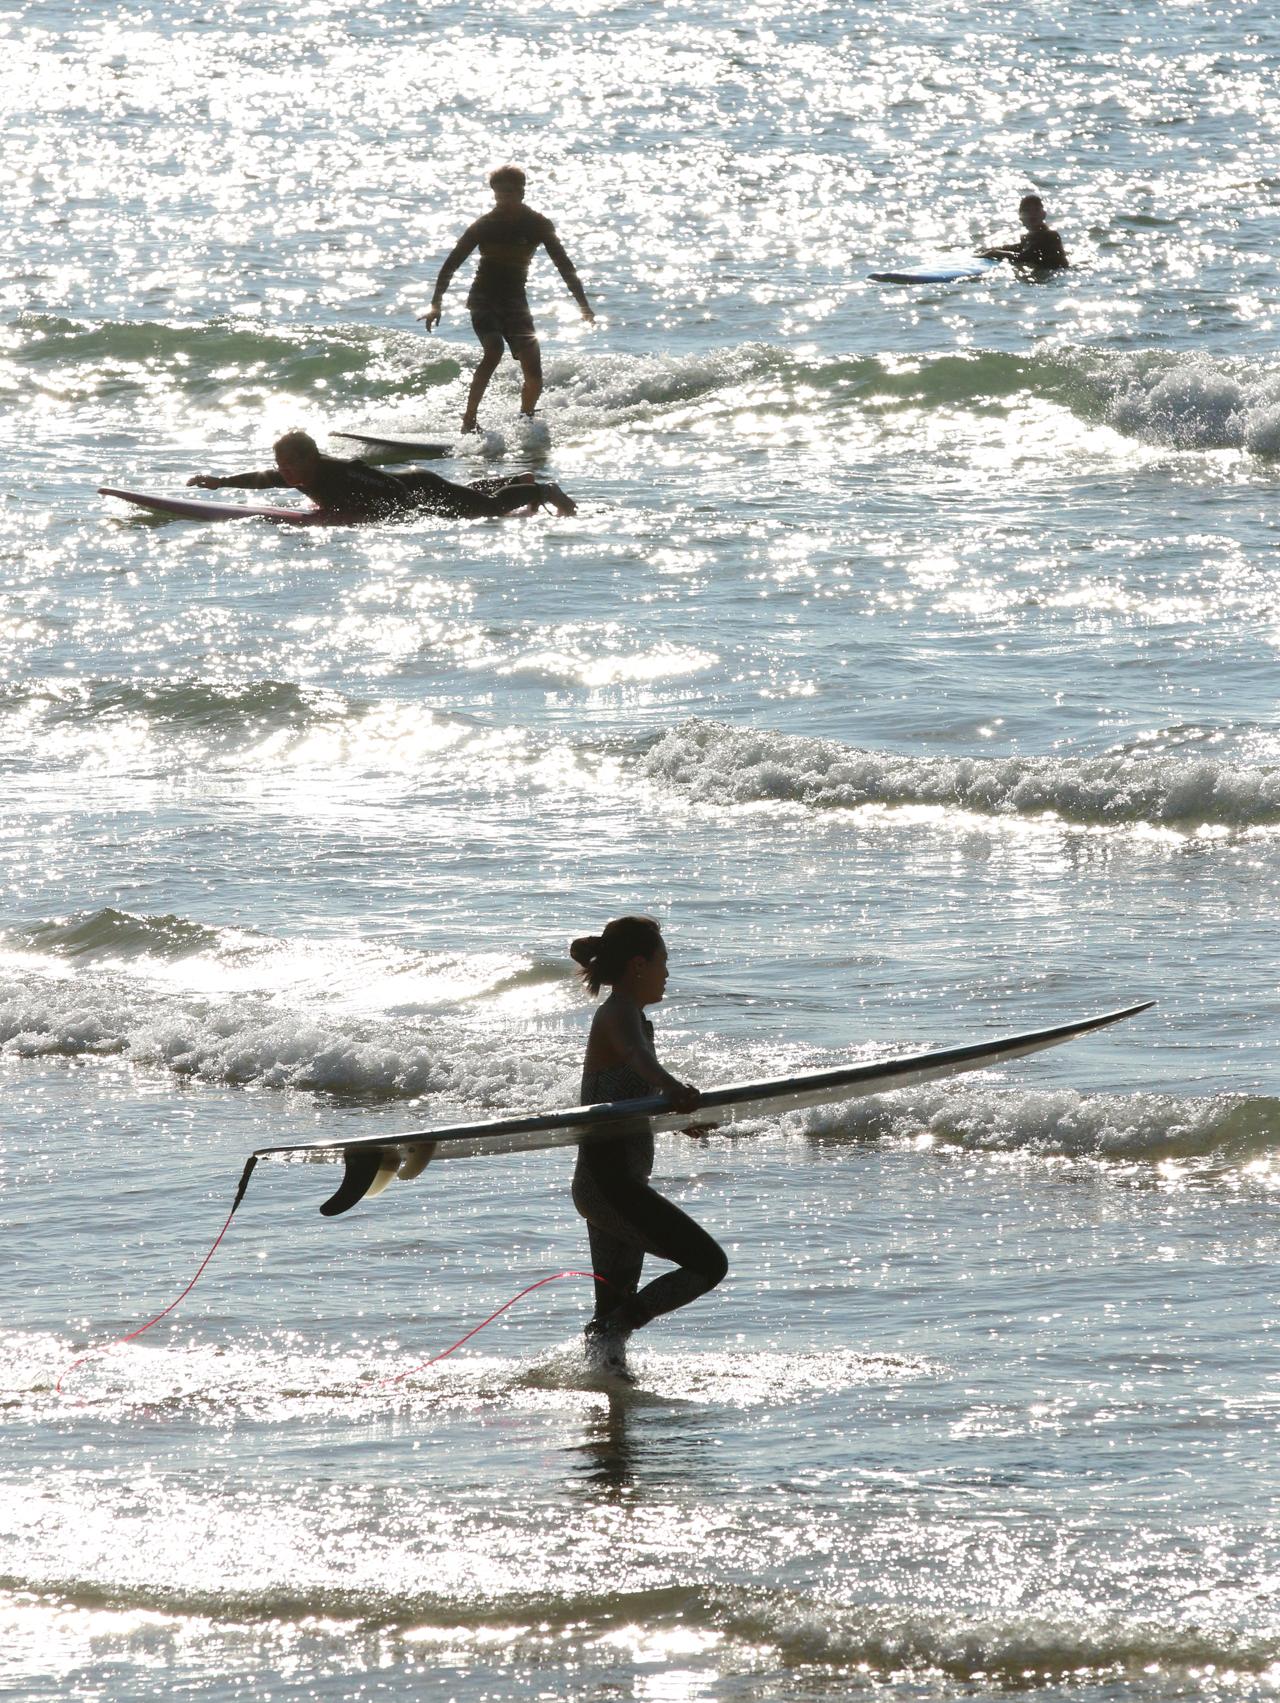 이국적인 분위기의 만리포 만리포해수욕장이 서핑족들로 수놓아졌다. 서핑을 즐기러 바다에 들어가는 서퍼와 서핑을 즐기고 있는 서퍼의 모습이 마치 이국적인 정취의 분위기를 연출하고 있다.